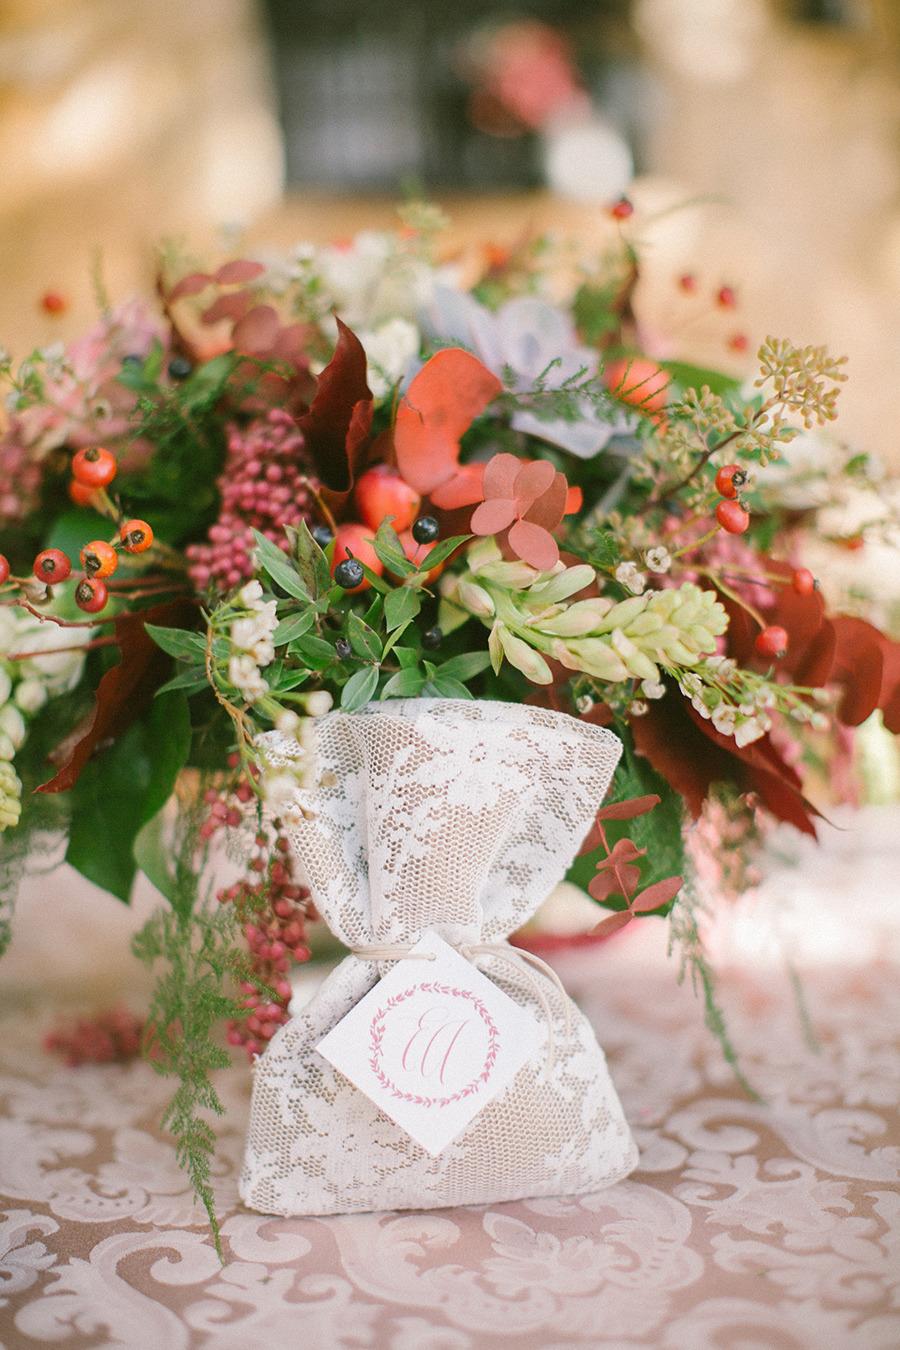 winter wedding favor - Boho Chic Wedding Inspiration Shoot from Anna Roussos Photography - annaroussos.com | Read more : http://www.fabmood.com/boho-chic-wedding-inspiration-shoot-anna-roussos-photography